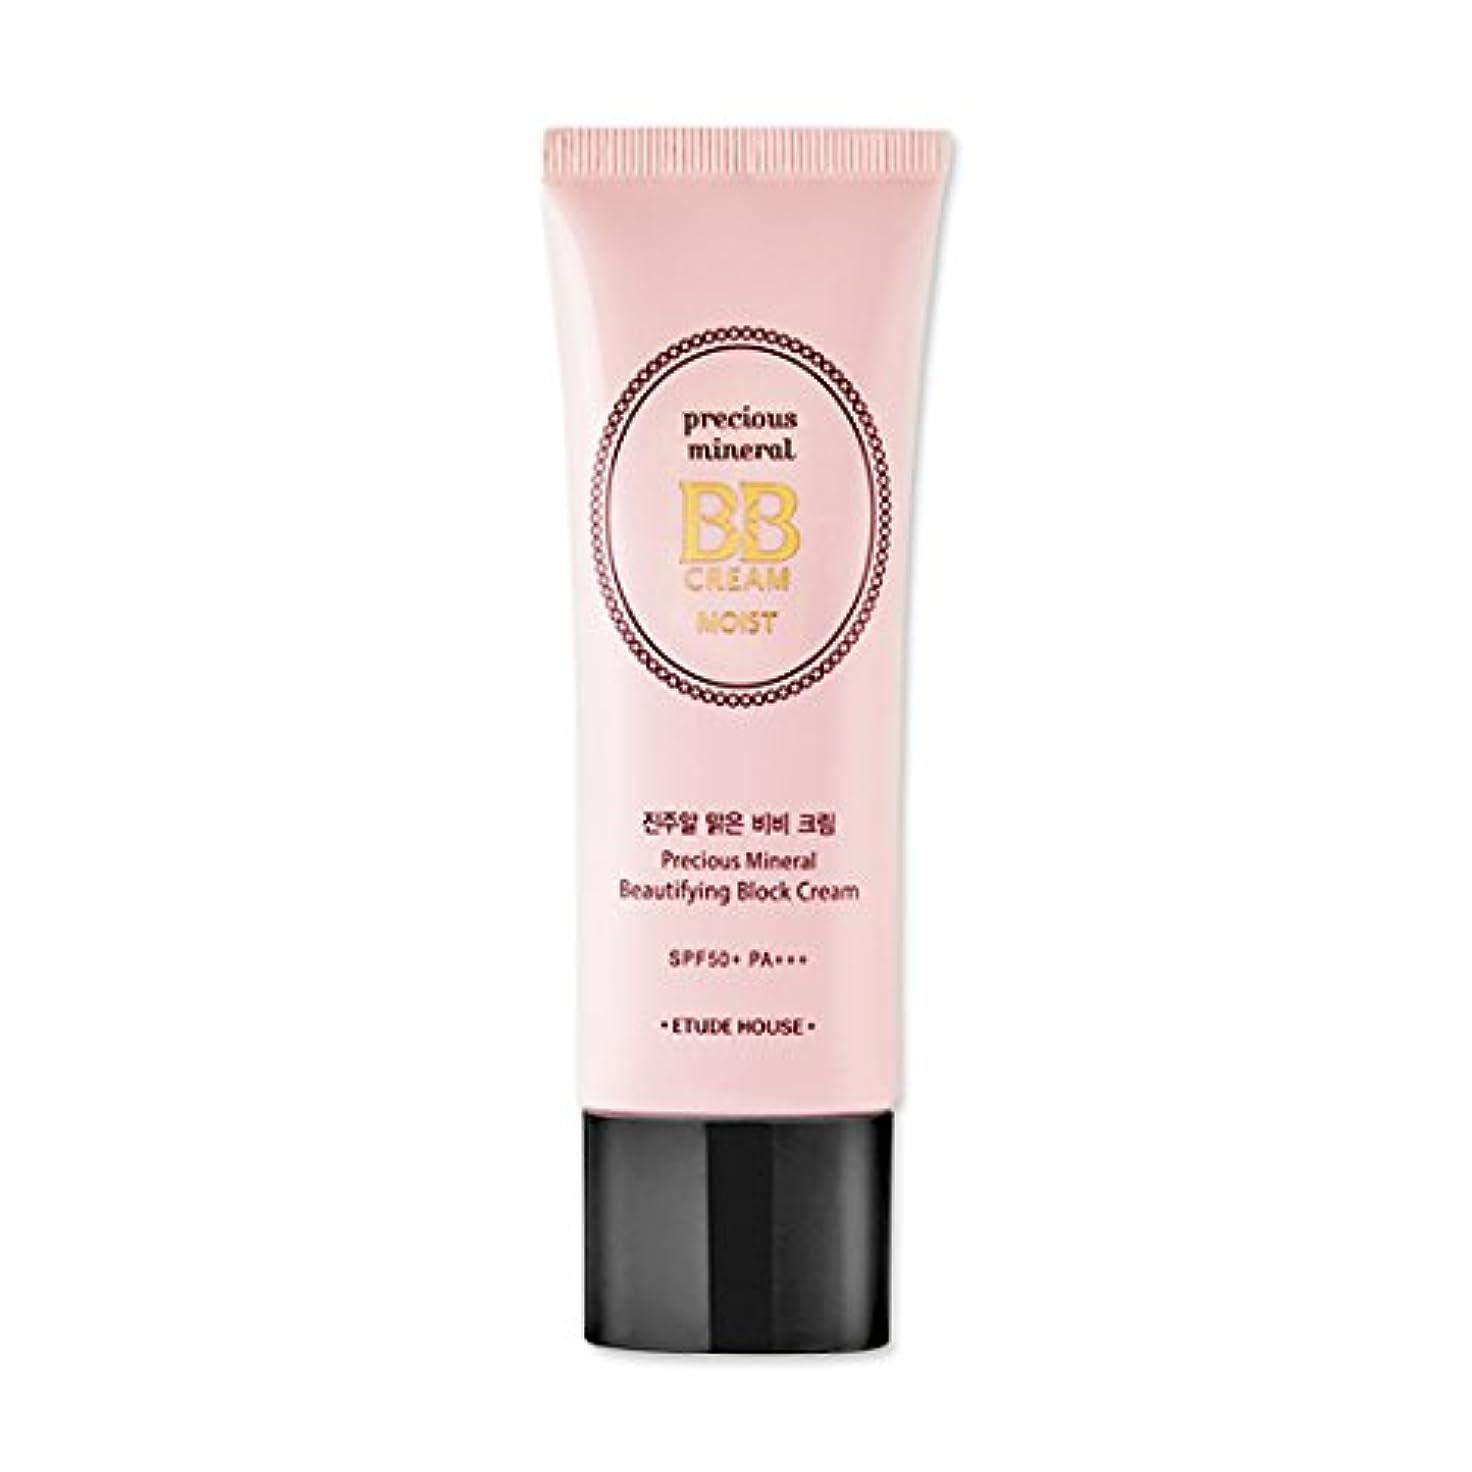 業界上級エッセイ[New] ETUDE HOUSE Precious Mineral BB Cream * Moist * 45g/エチュードハウス プレシャス ミネラル BBクリーム * モイスト * 45g (#Sand) [並行輸入品]